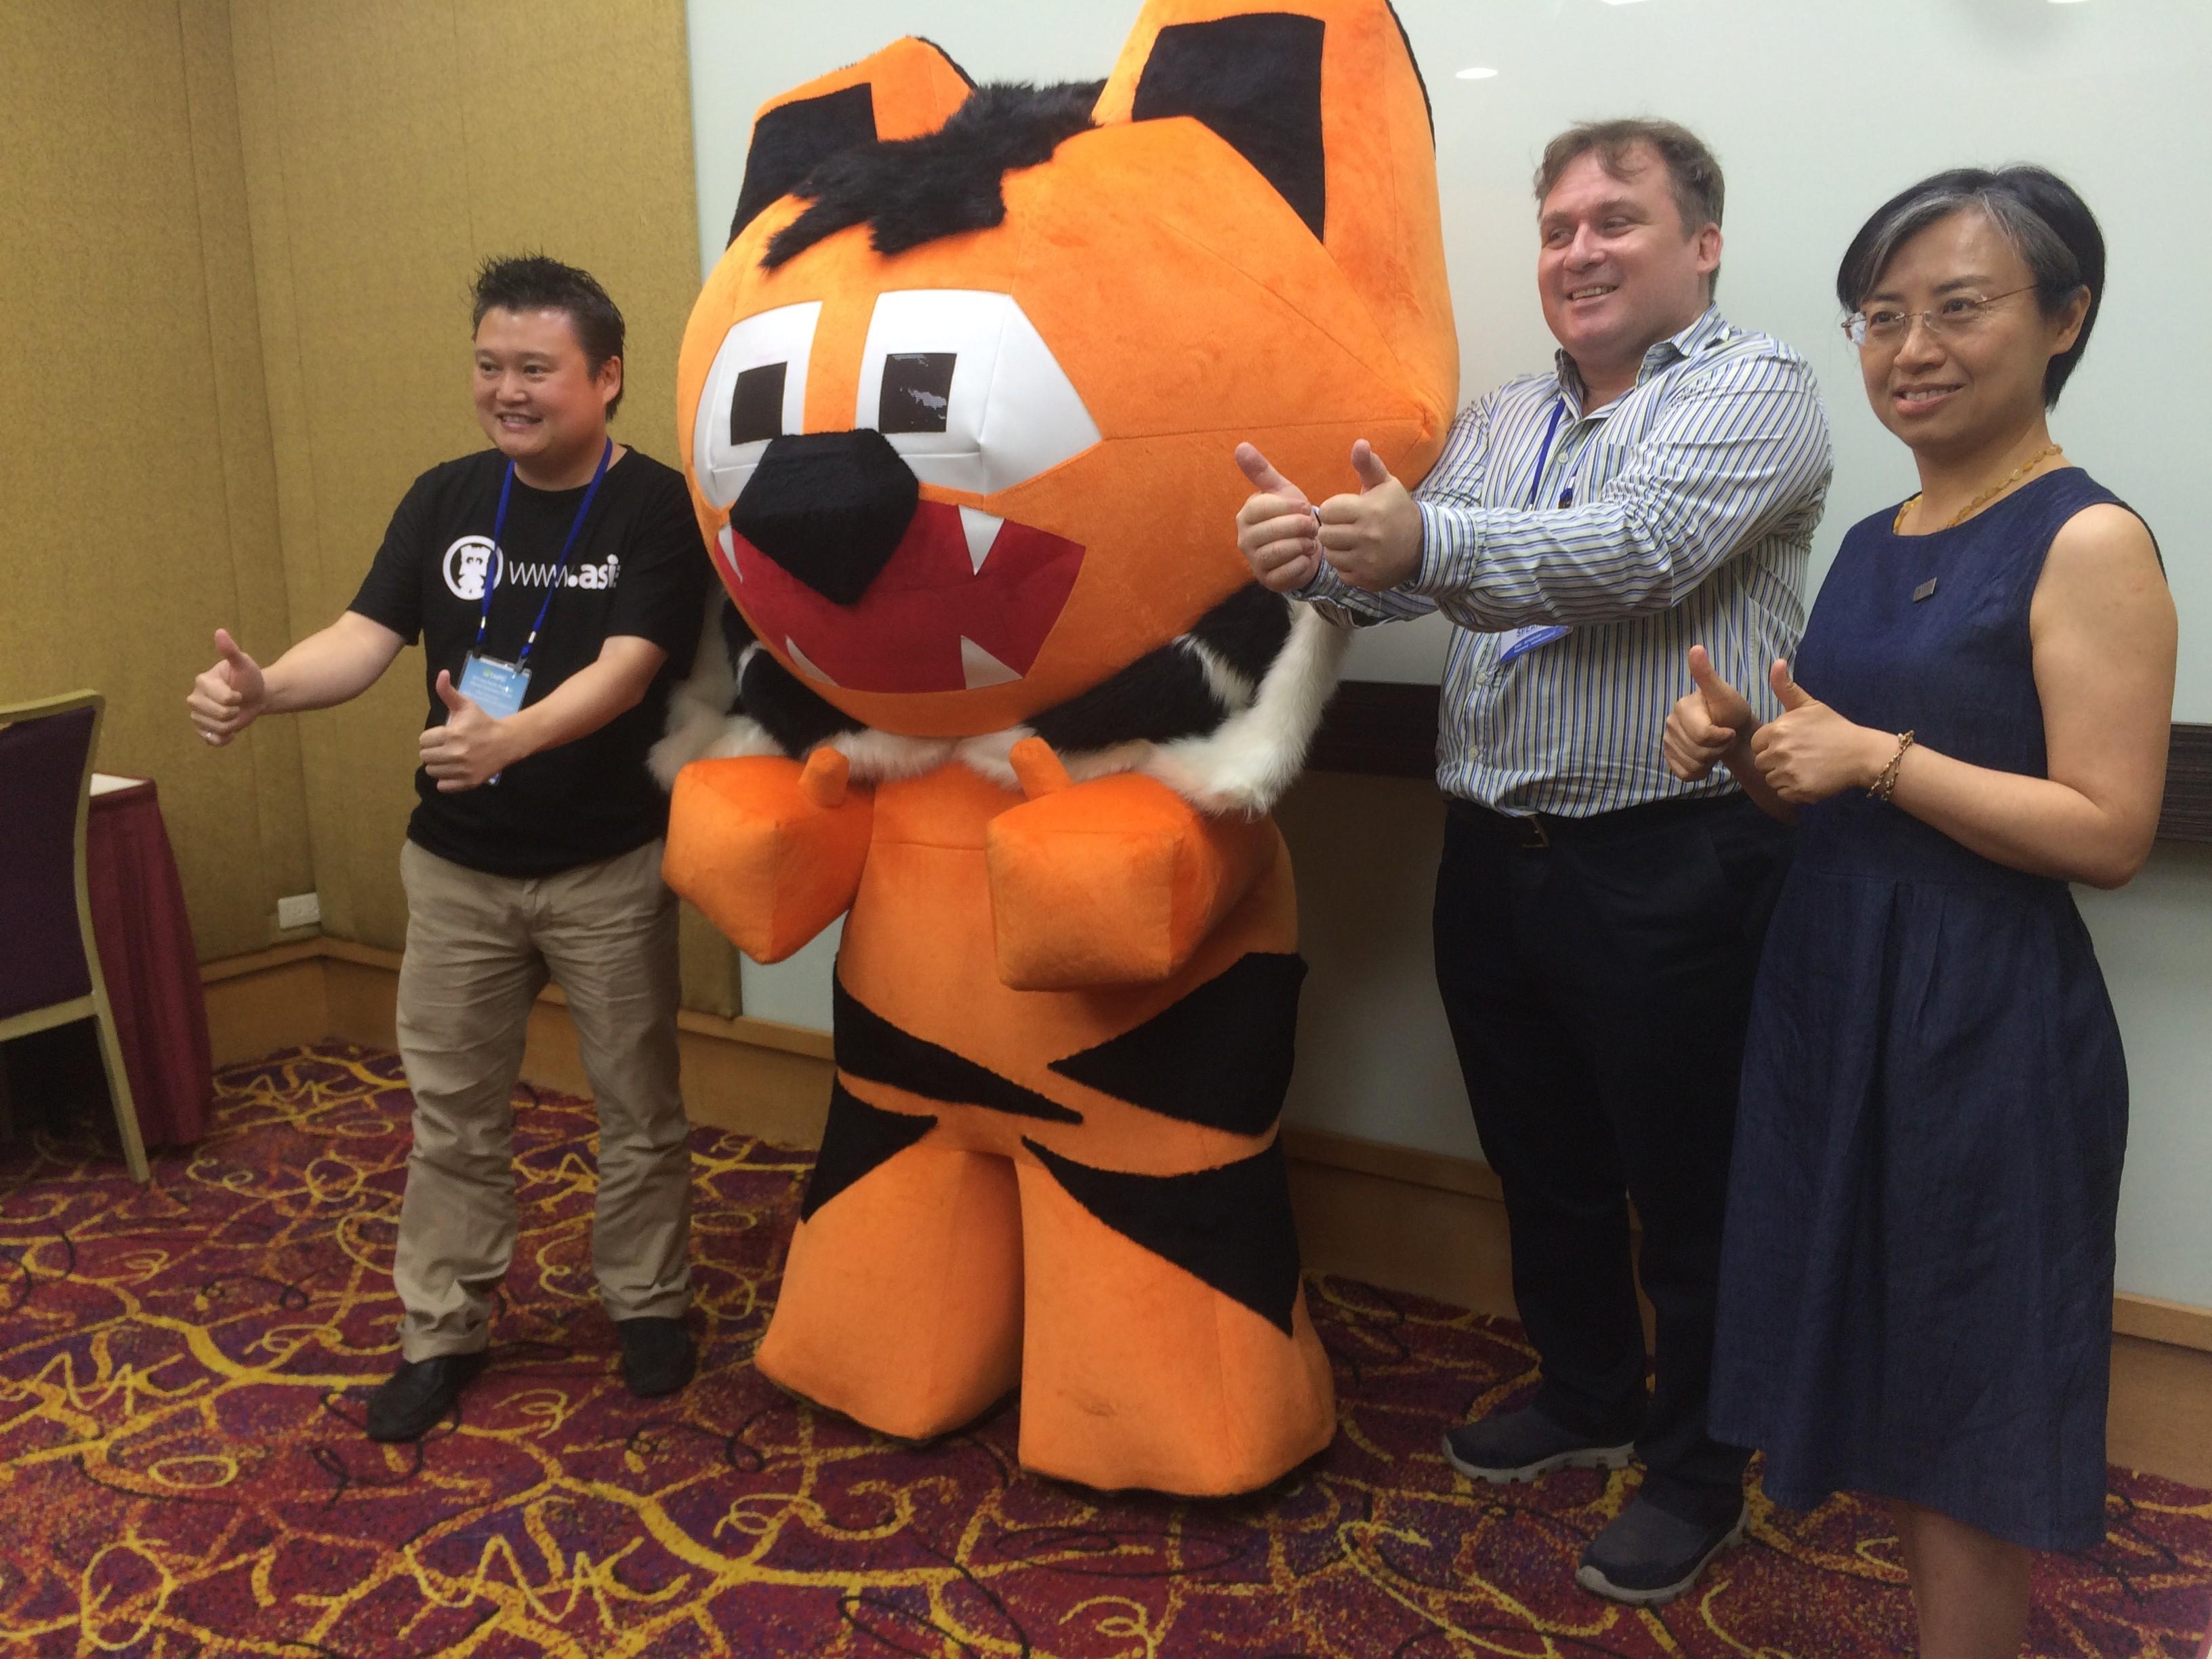 左起:DotAsia、小虎阿吉、WWF、TRAFFIC 共同為老虎請命。